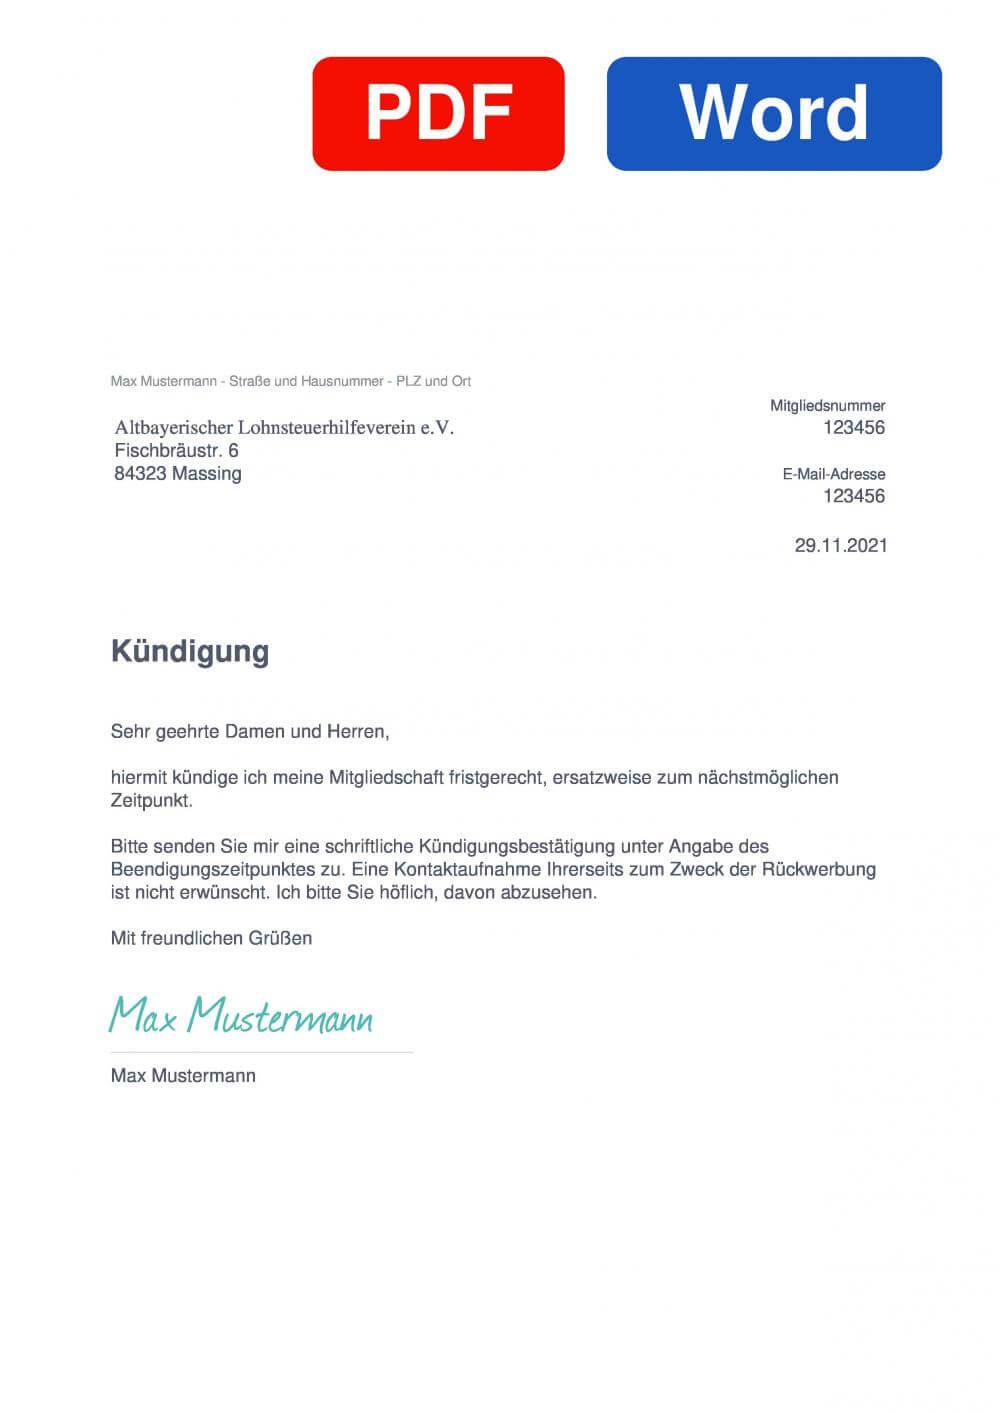 Altbayerischer Lohnsteuerhilfeverein Muster Vorlage für Kündigungsschreiben